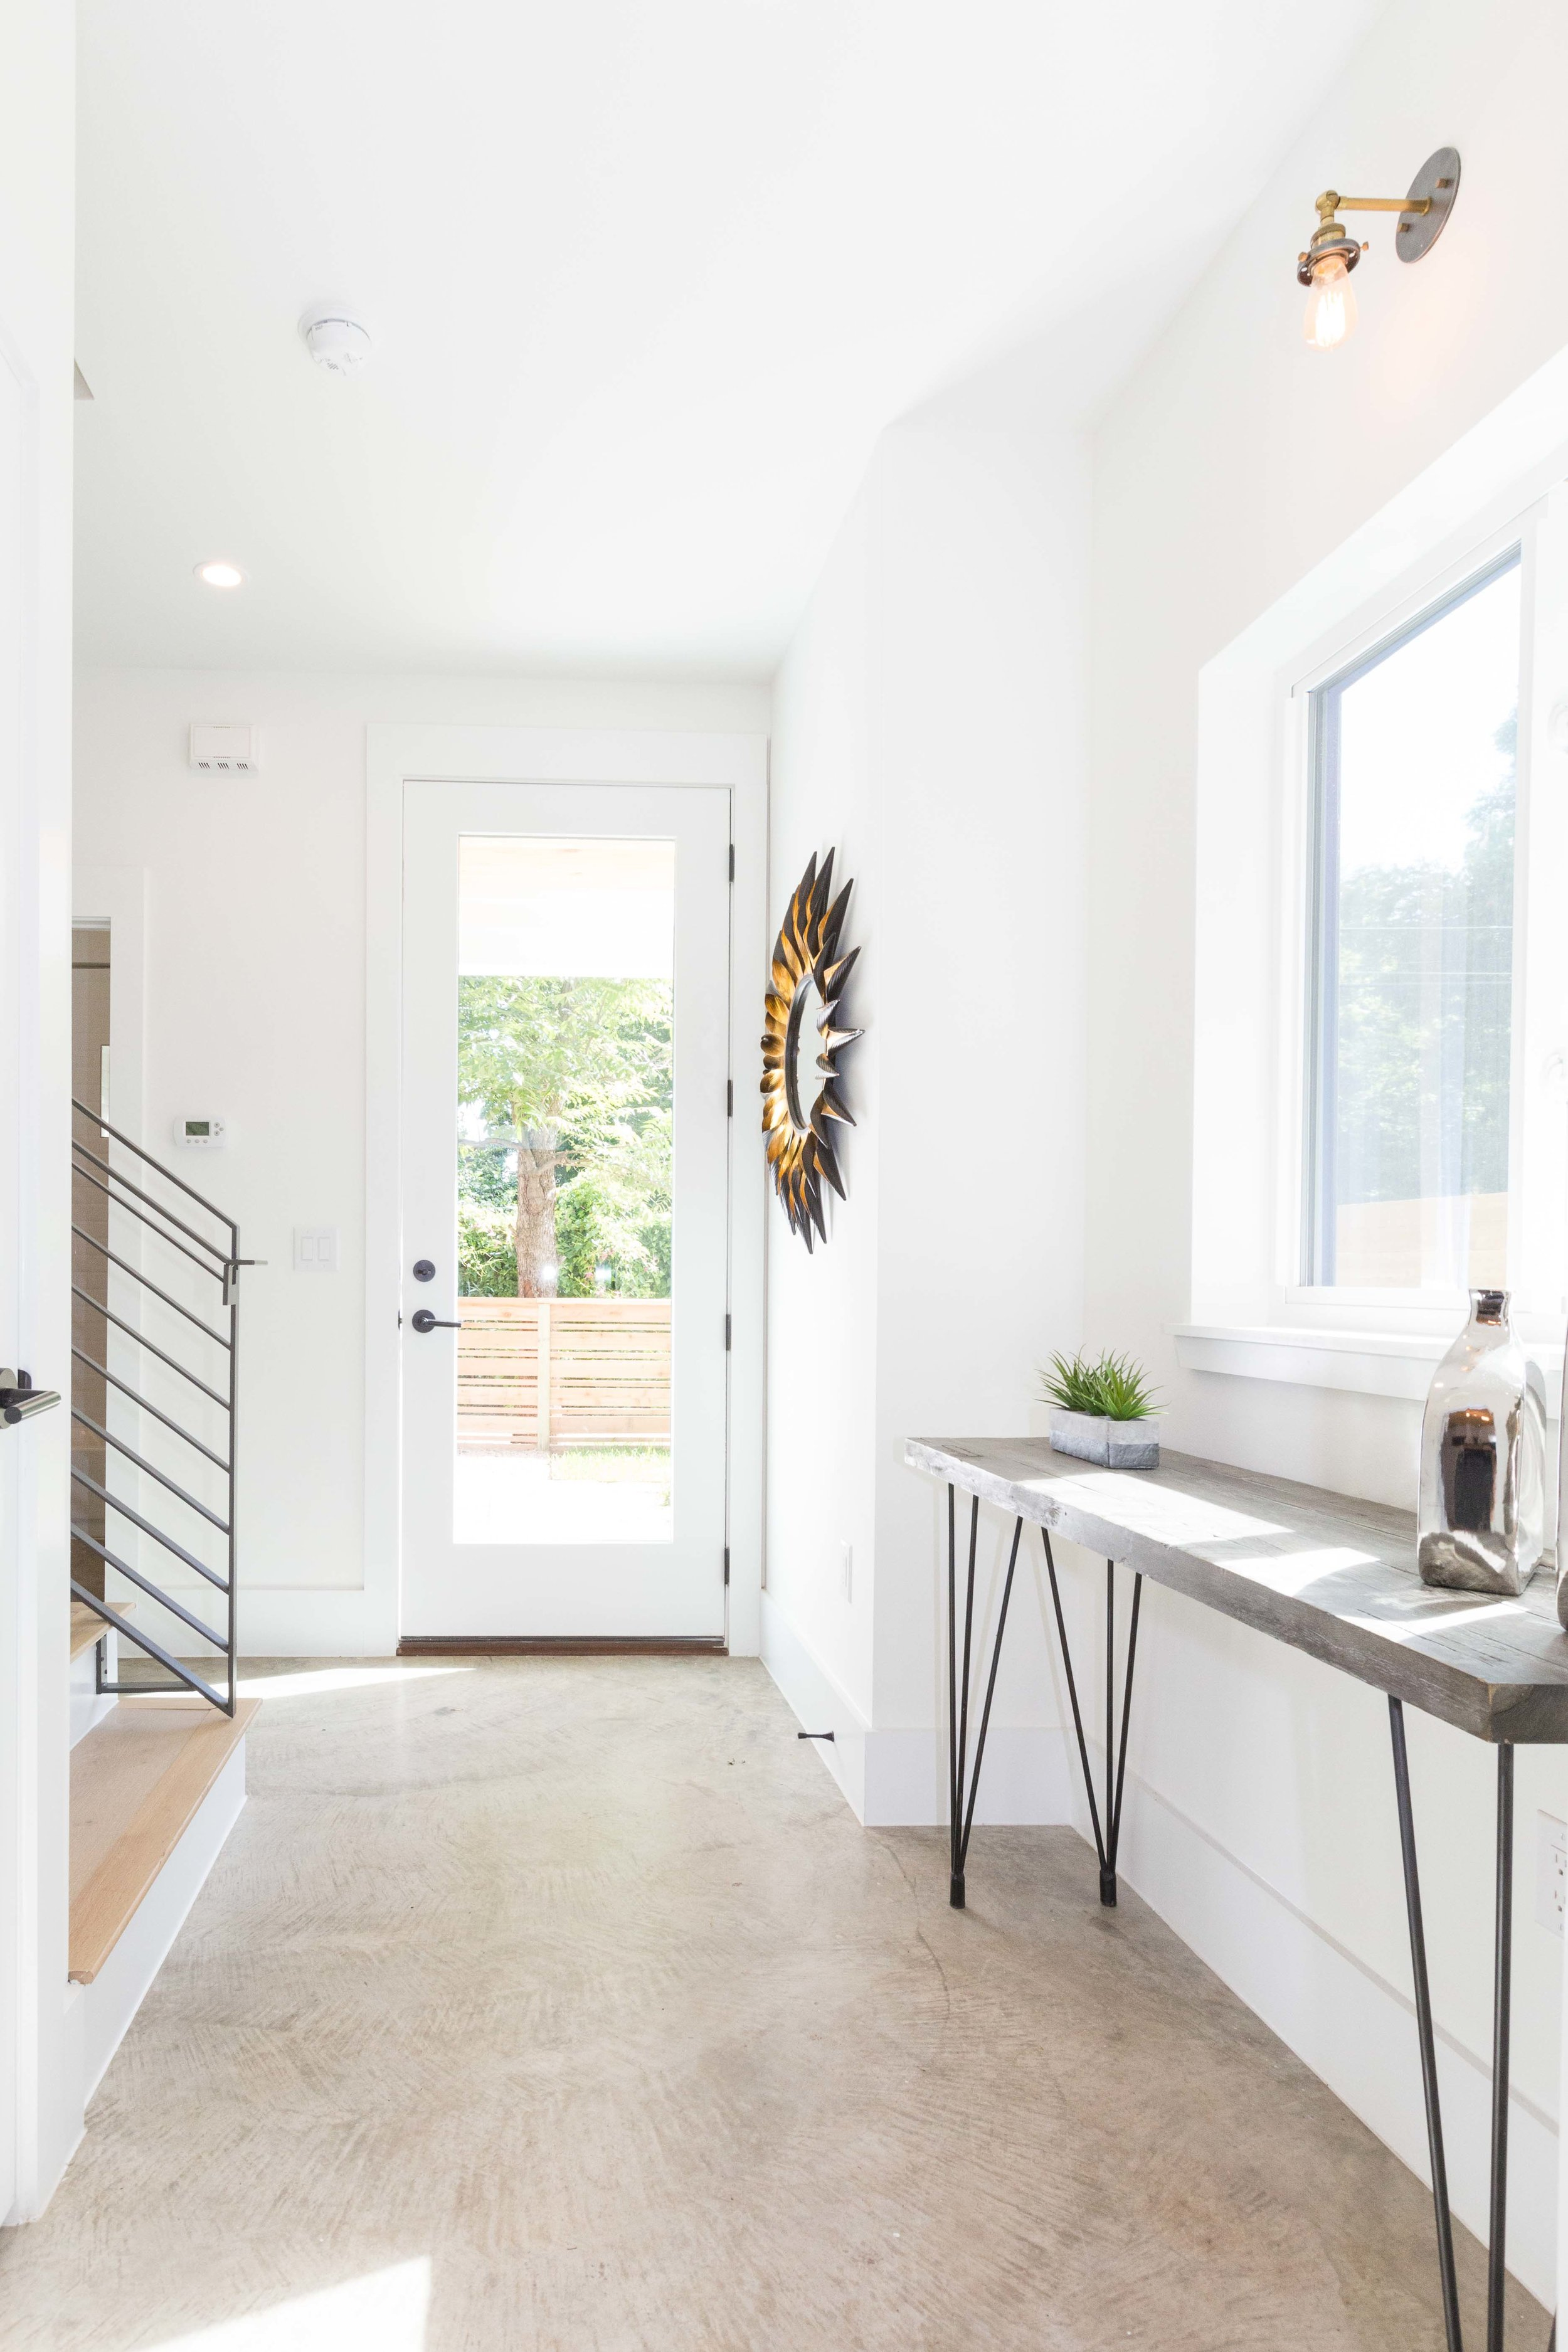 2504_WillowB_-_East_Austin_Alley_House_Modern_Cottage-9909[1].jpg